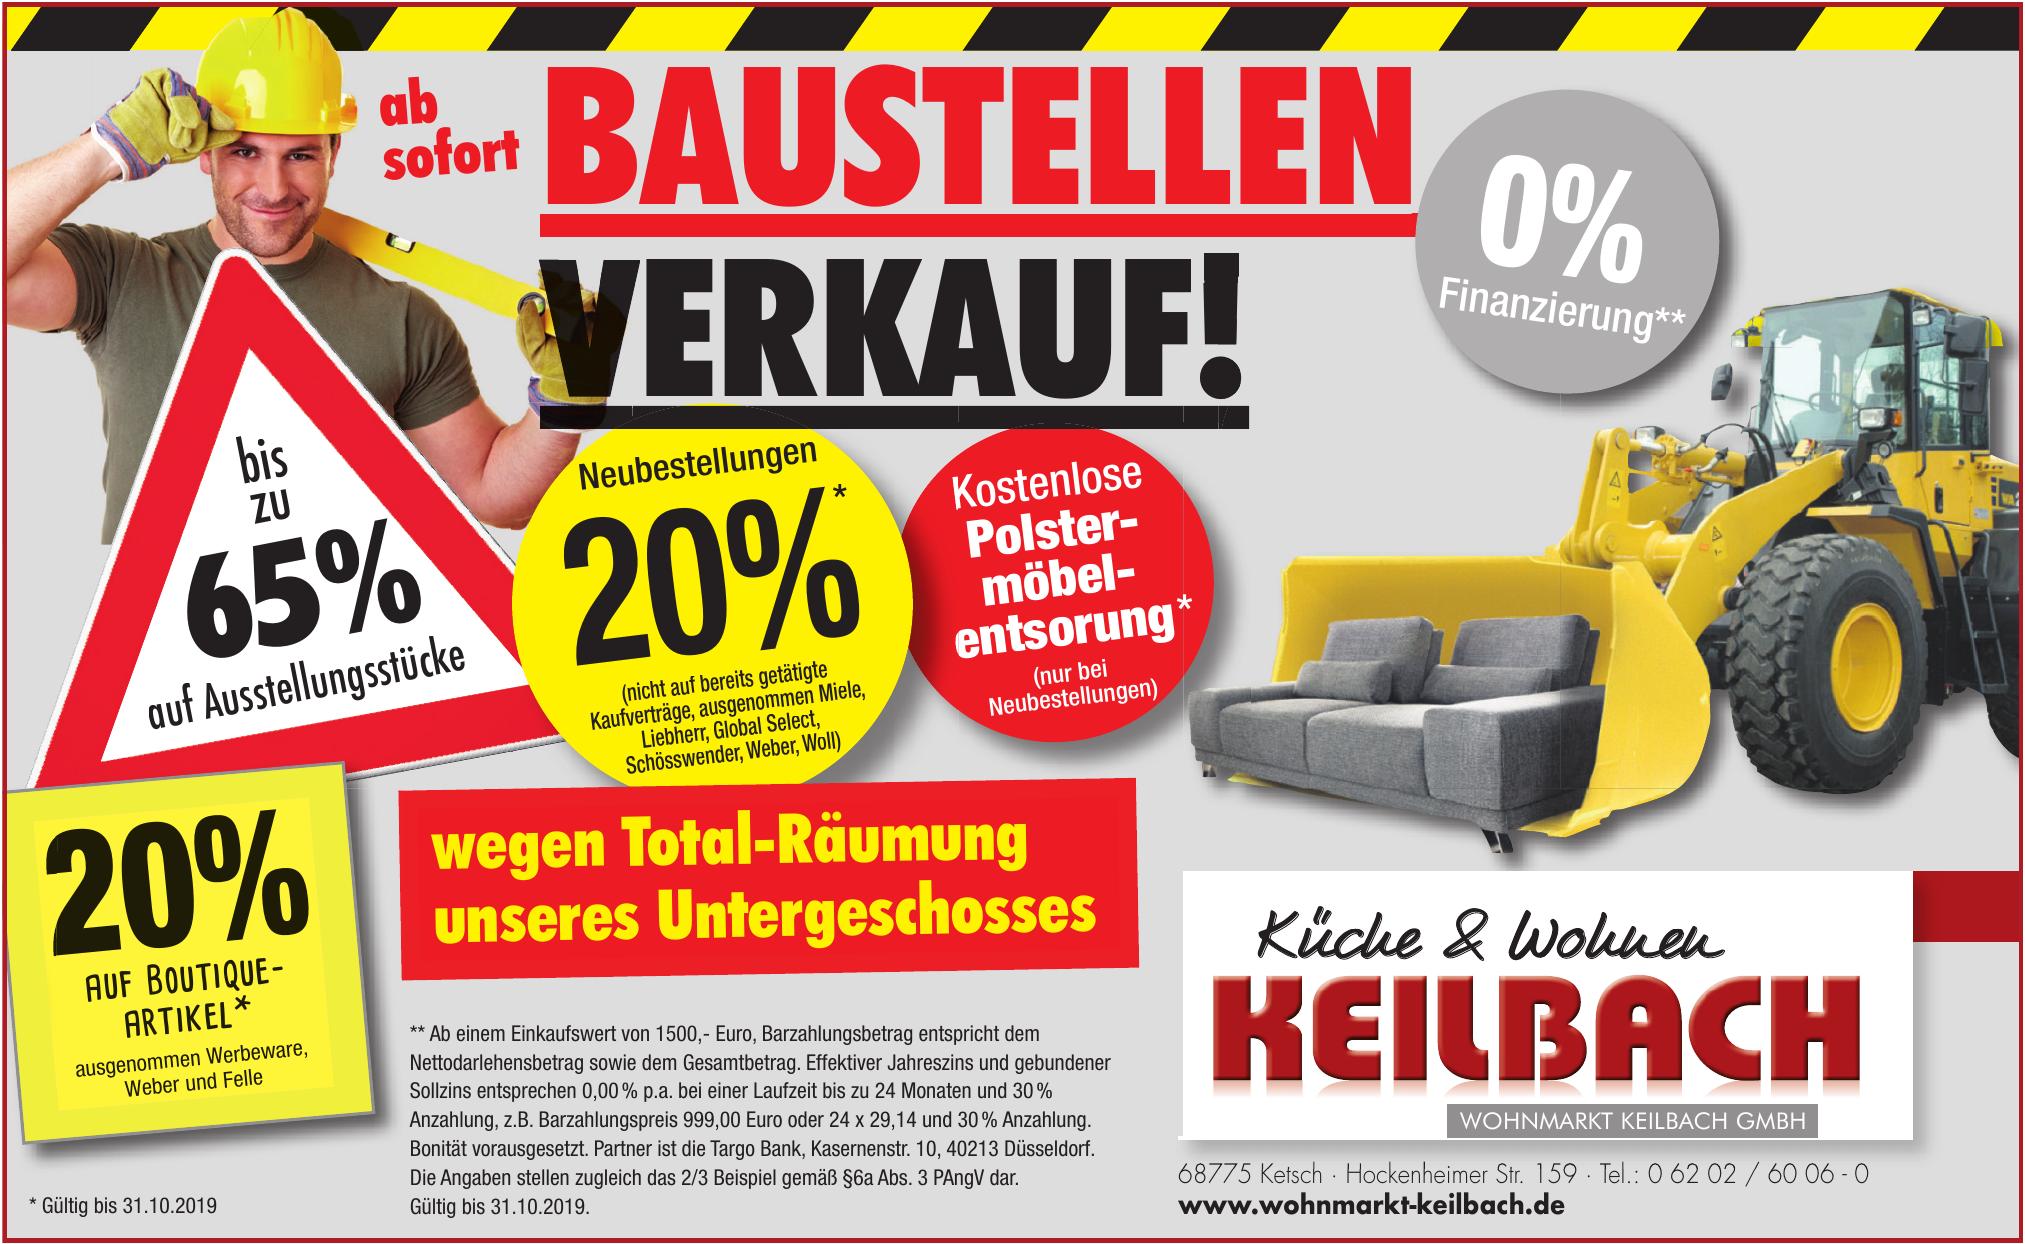 Wohnmarkt Keilbach GmbH